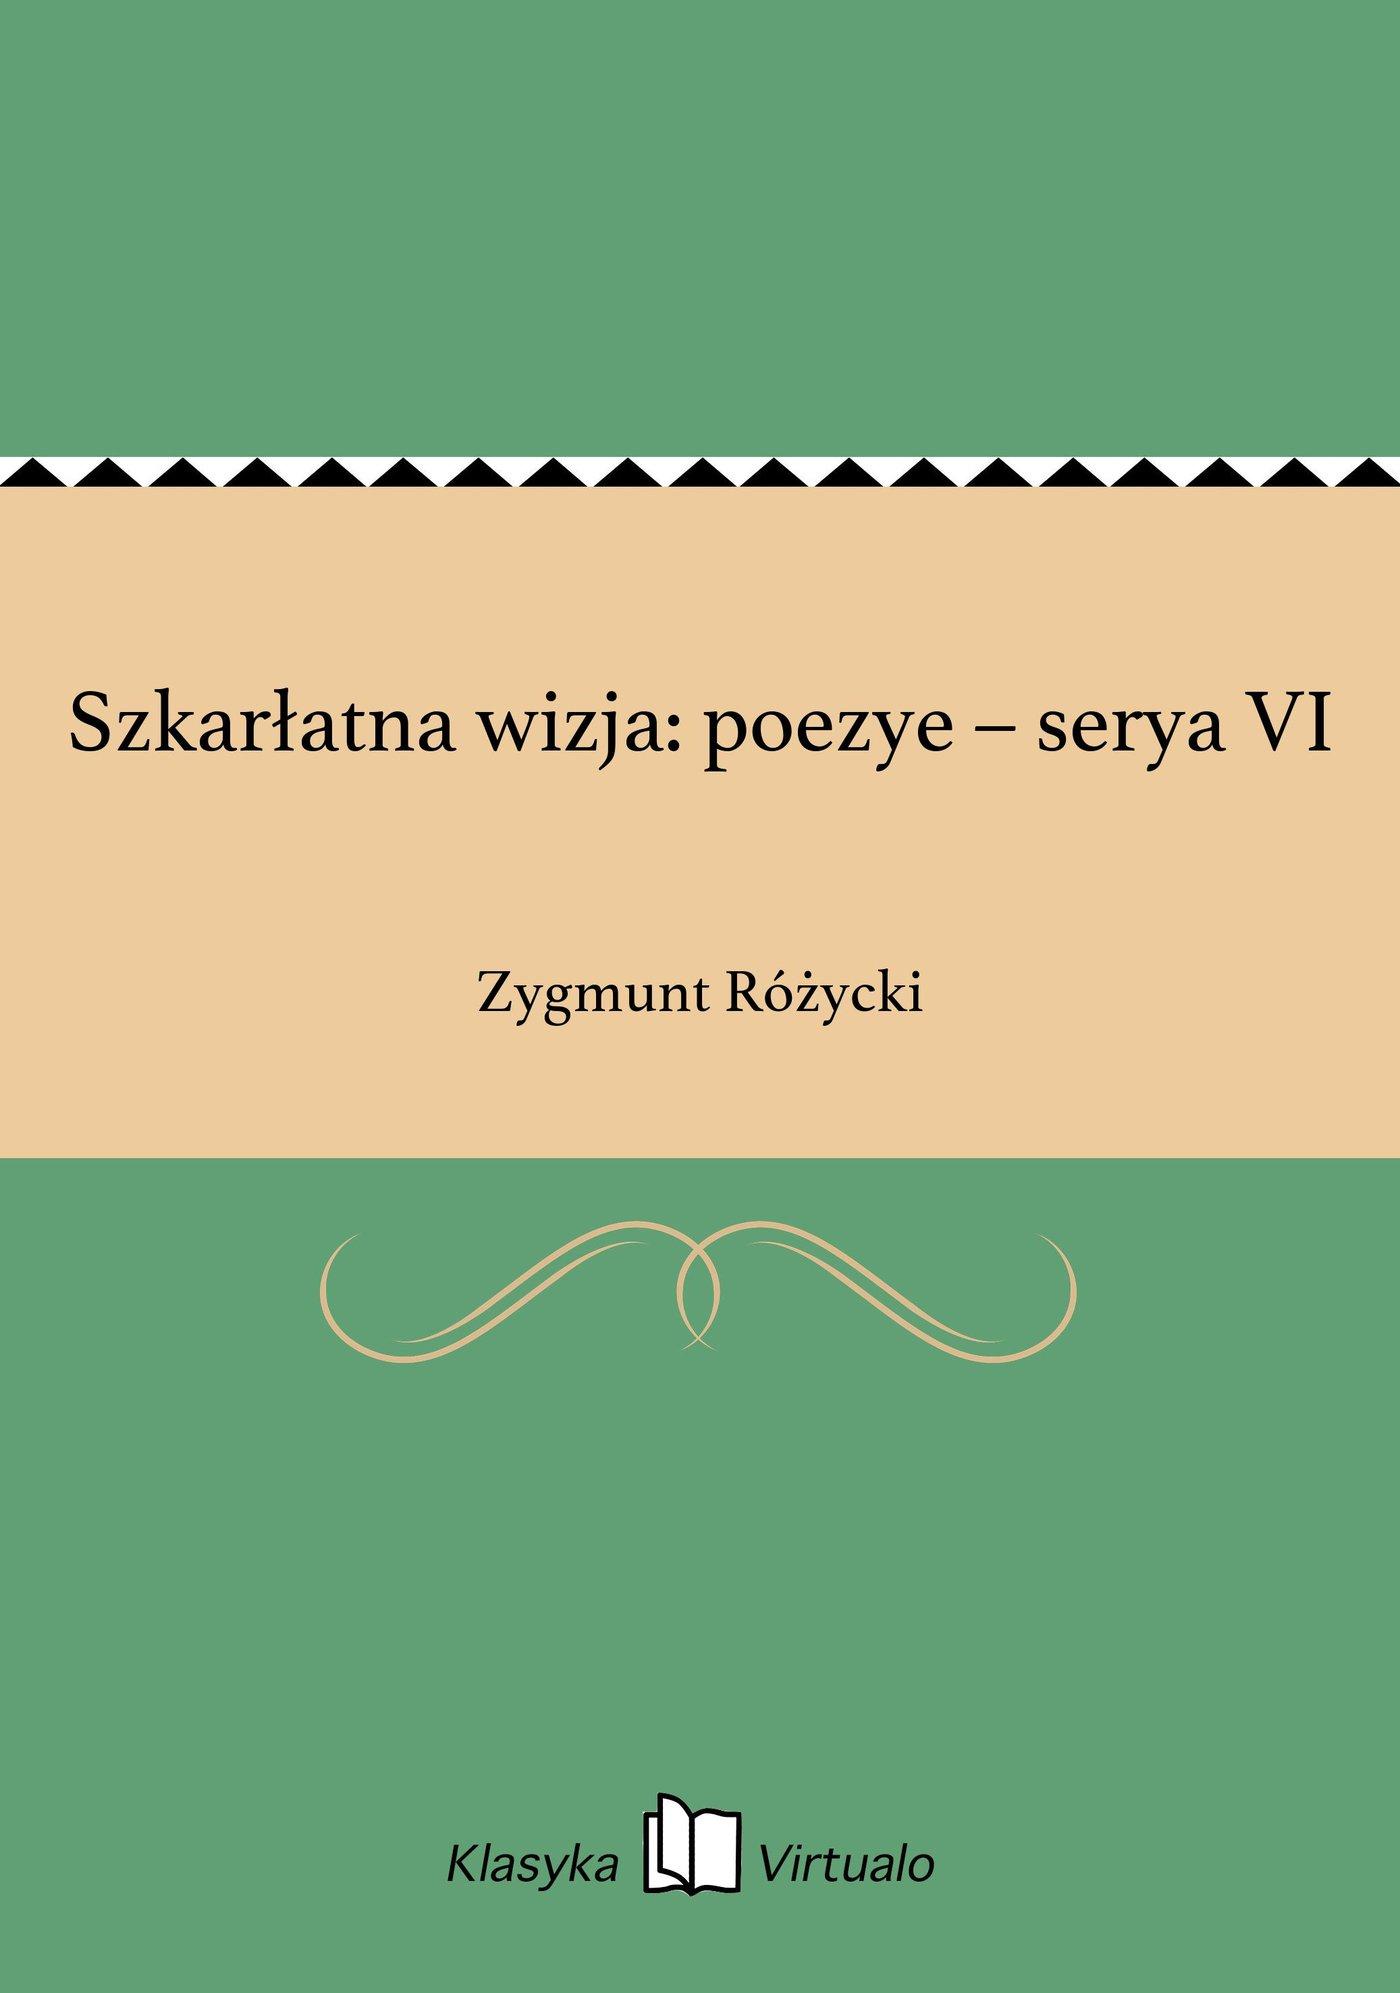 Szkarłatna wizja: poezye – serya VI - Ebook (Książka na Kindle) do pobrania w formacie MOBI